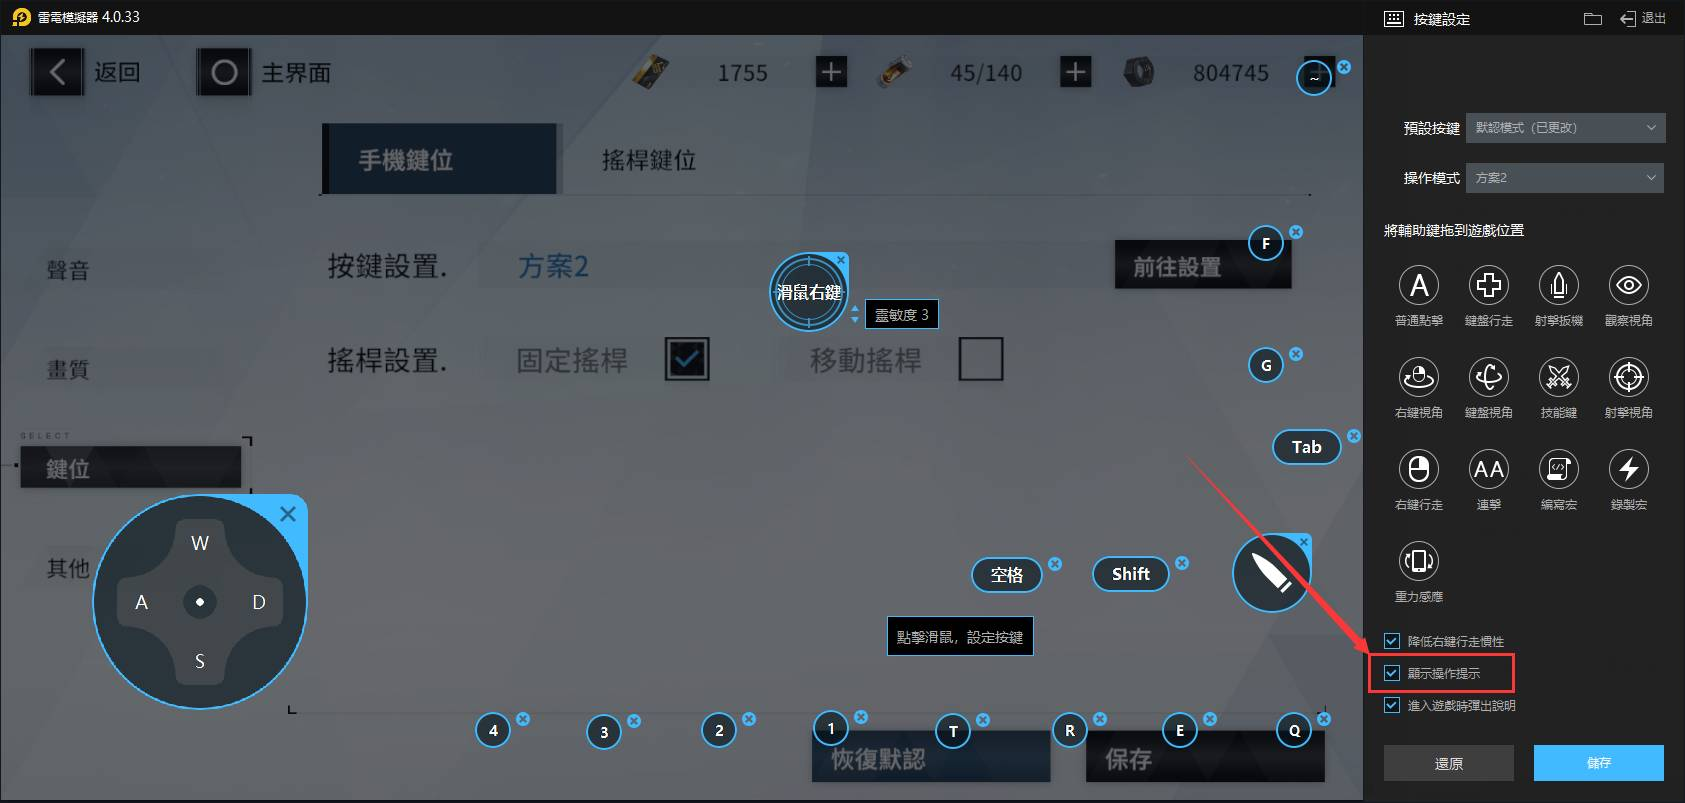 【新手幫助】如何隱藏遊戲中按鍵操作提示